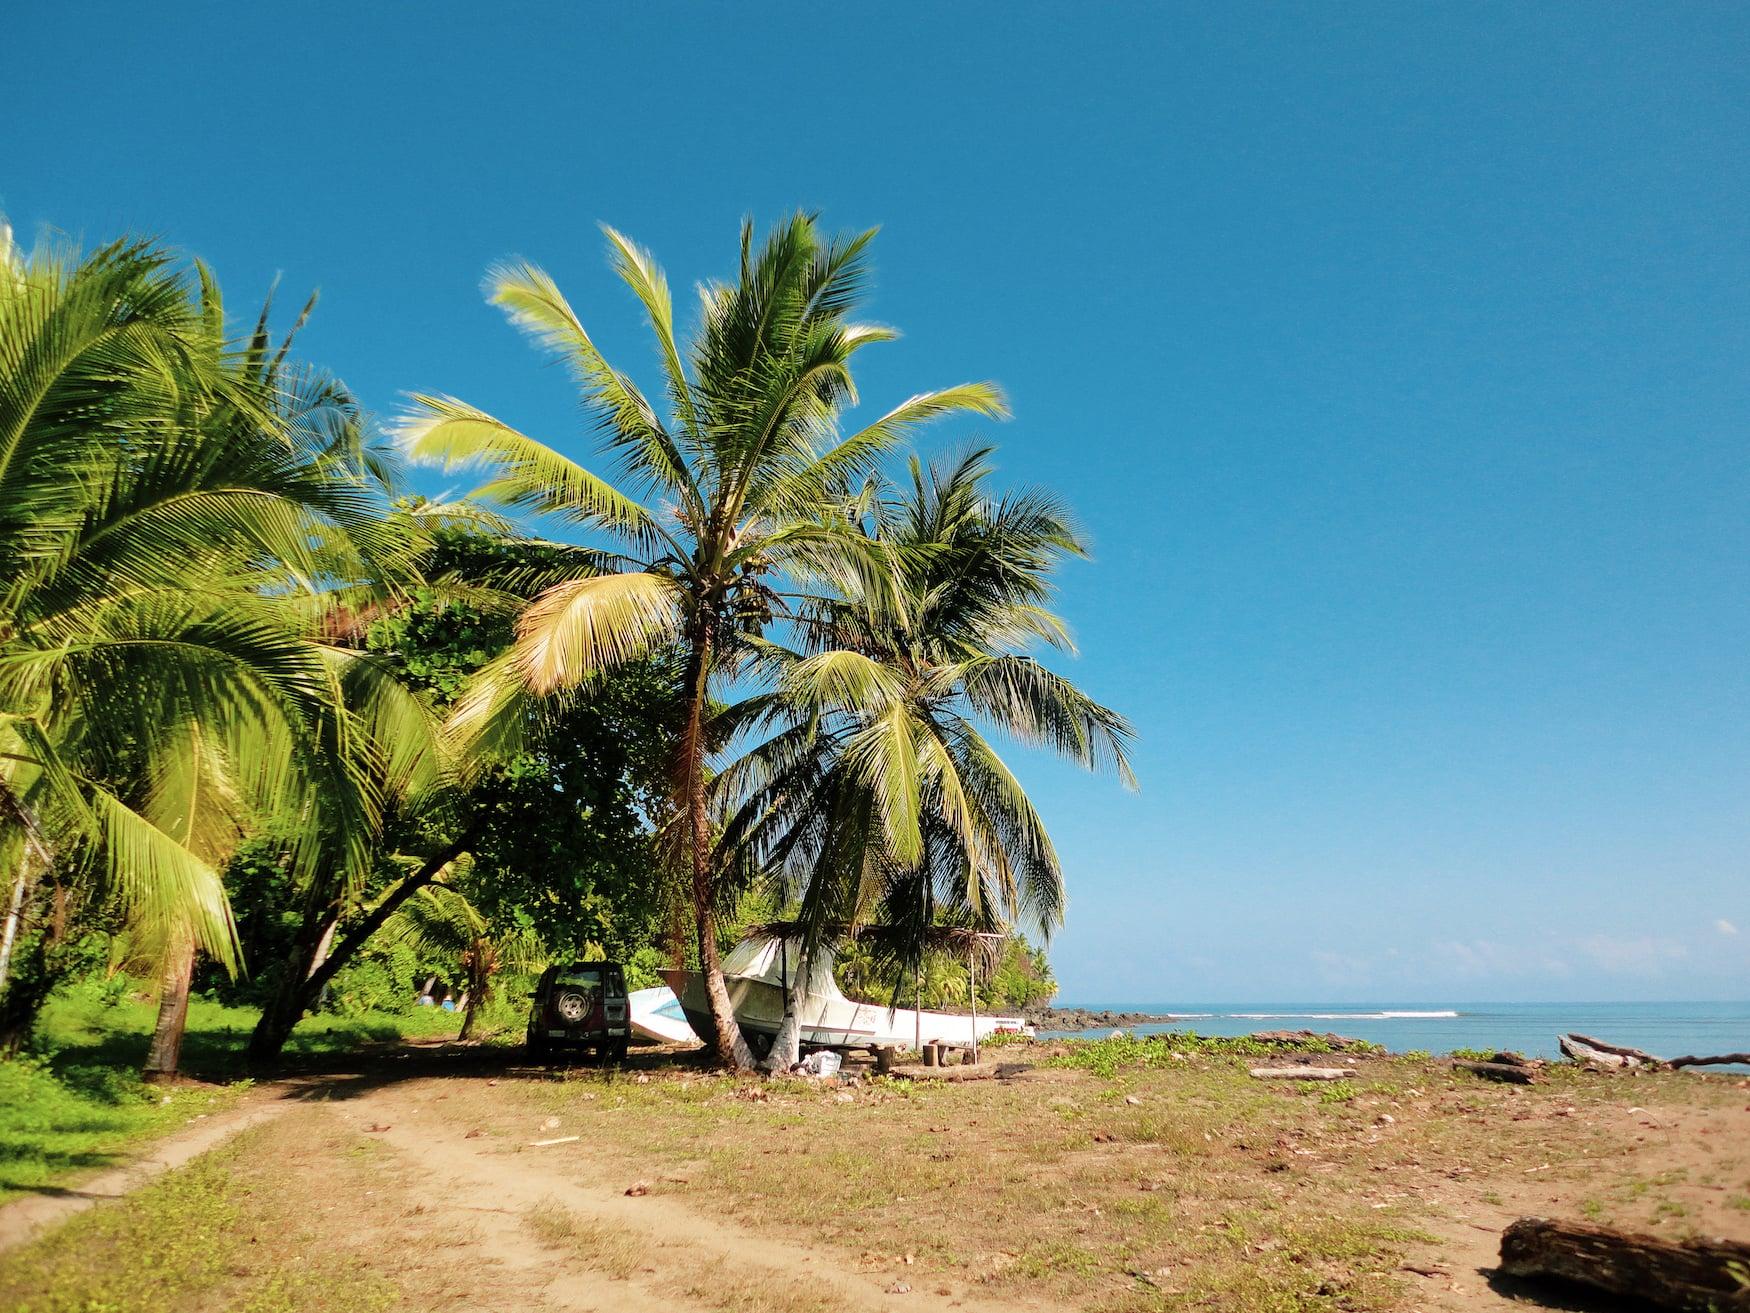 Auto an Strand auf der Oma Peninsula im Süden Costa Ricas